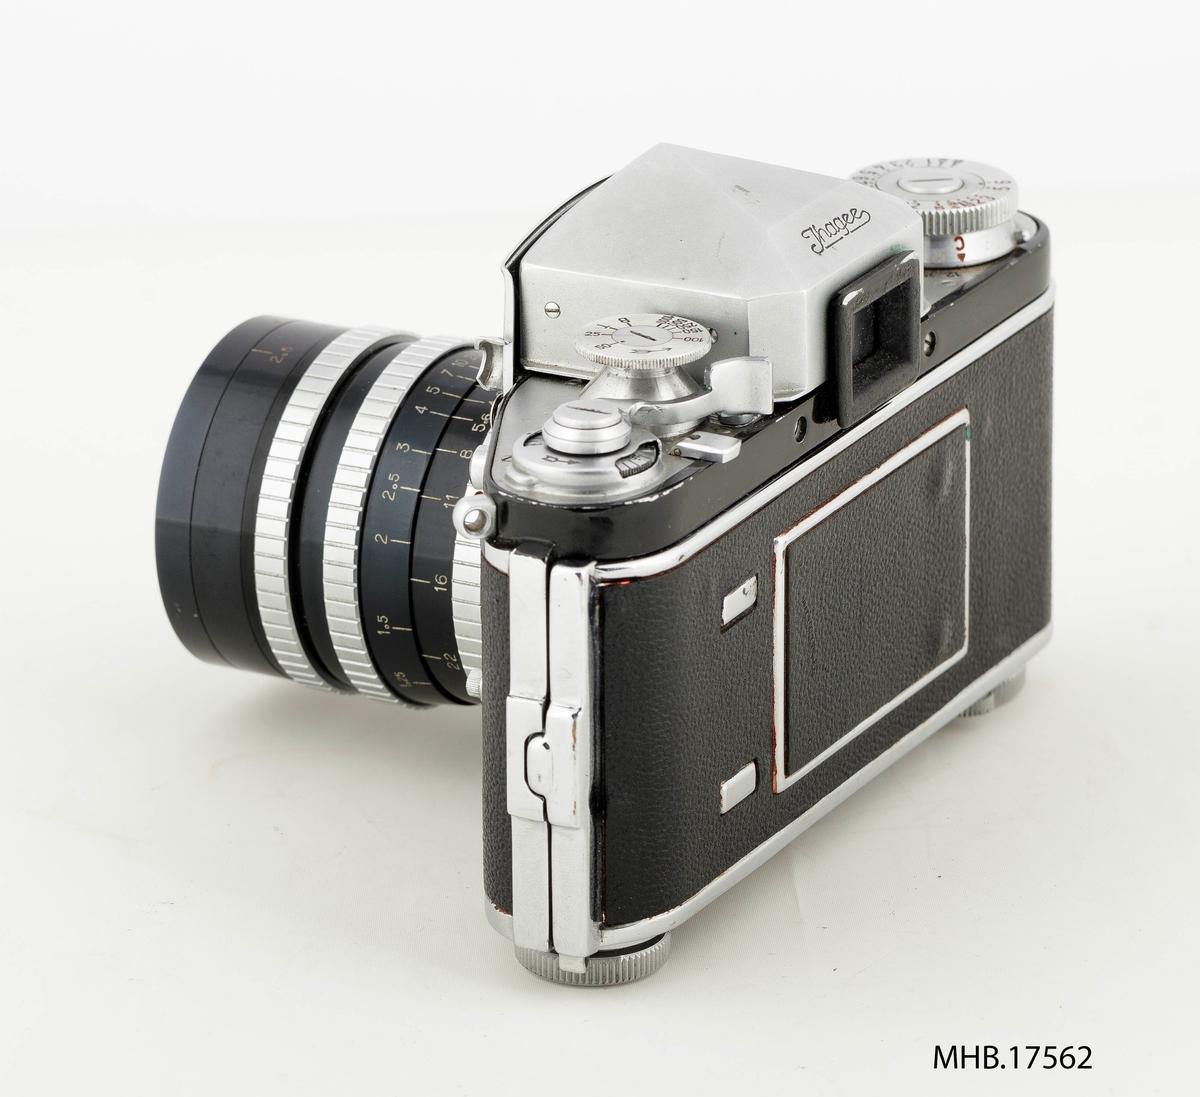 Fotoapparat Exakta Varex VX (filmrull 35 mm) med etui og ekstra søker med etui. Retrofocus Type R1 No.462874 linse (made in France). Produksjonssted Dresden, Tyskland.